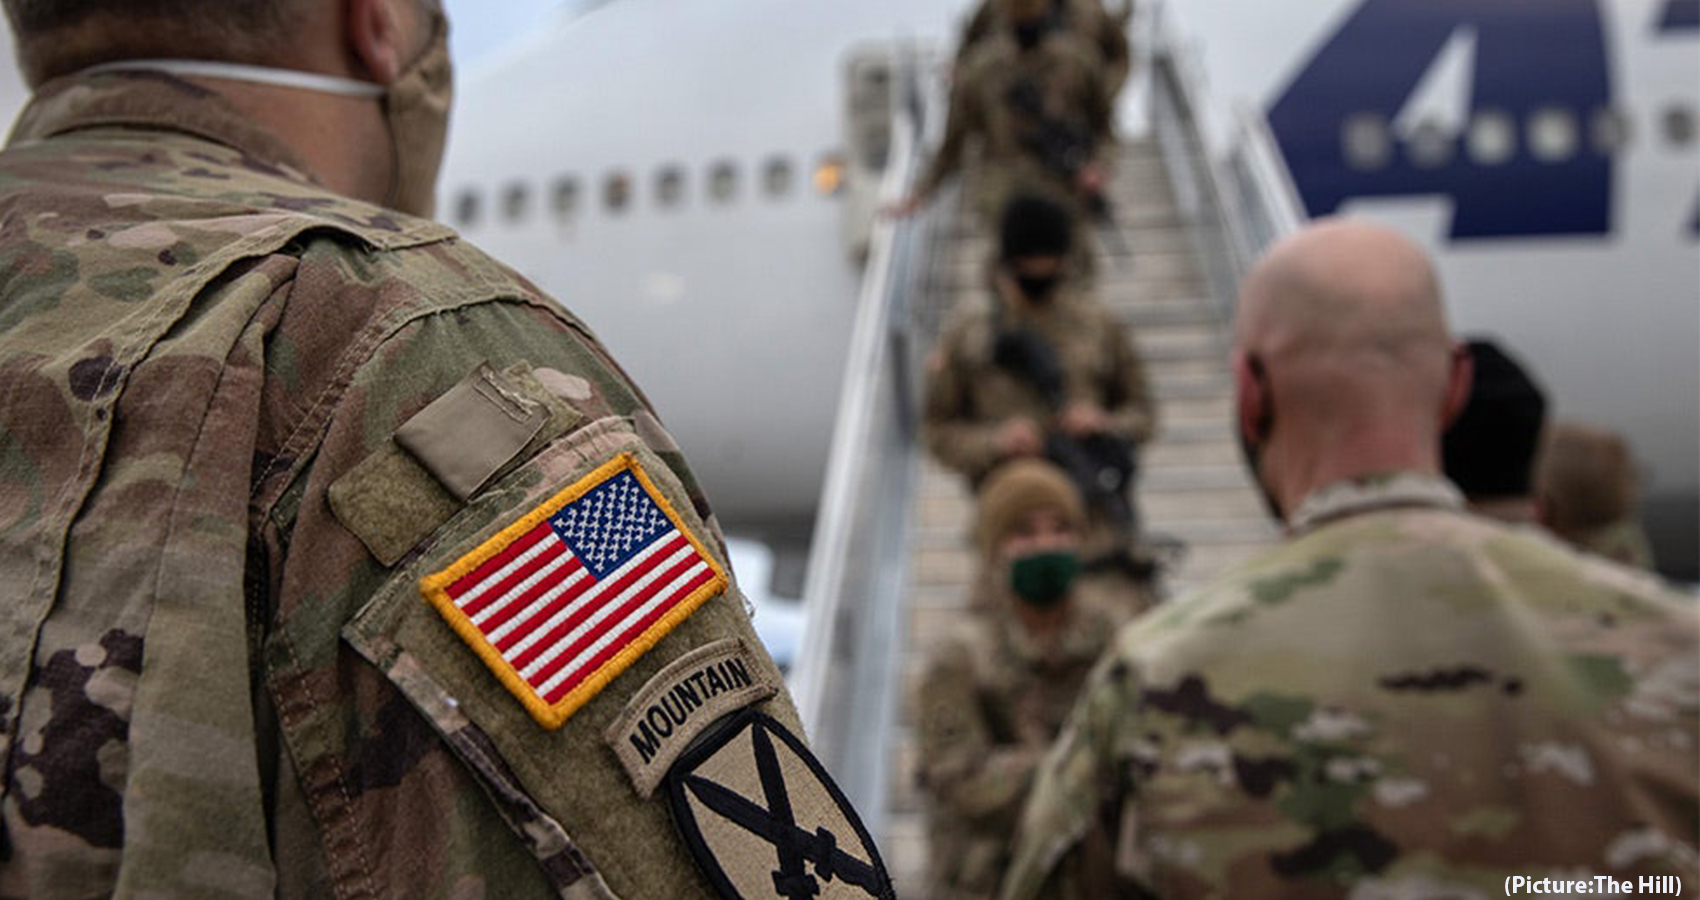 Ending 20-Years-Old War, All American Troops Leave Afghanistan